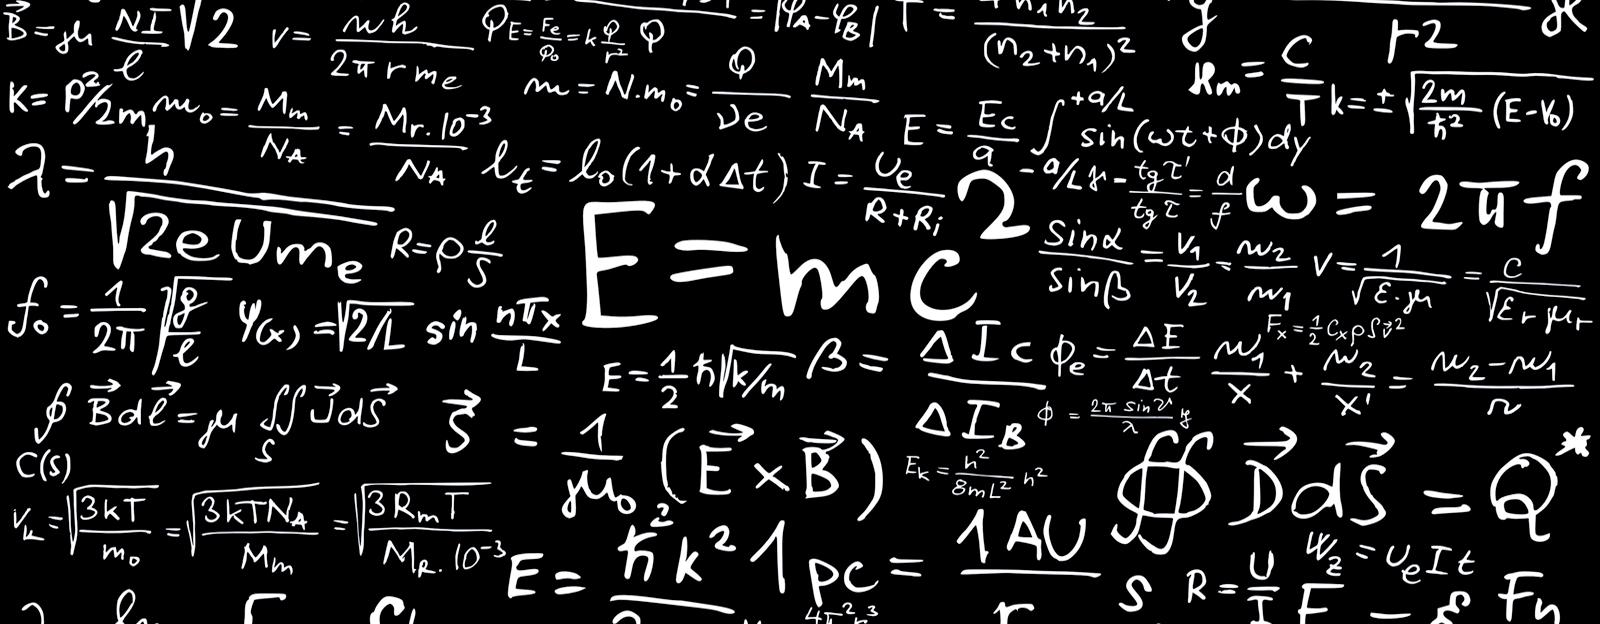 نصائح فيزيائية مفيدة Physics-WaLp-tw2011-e1432122196348